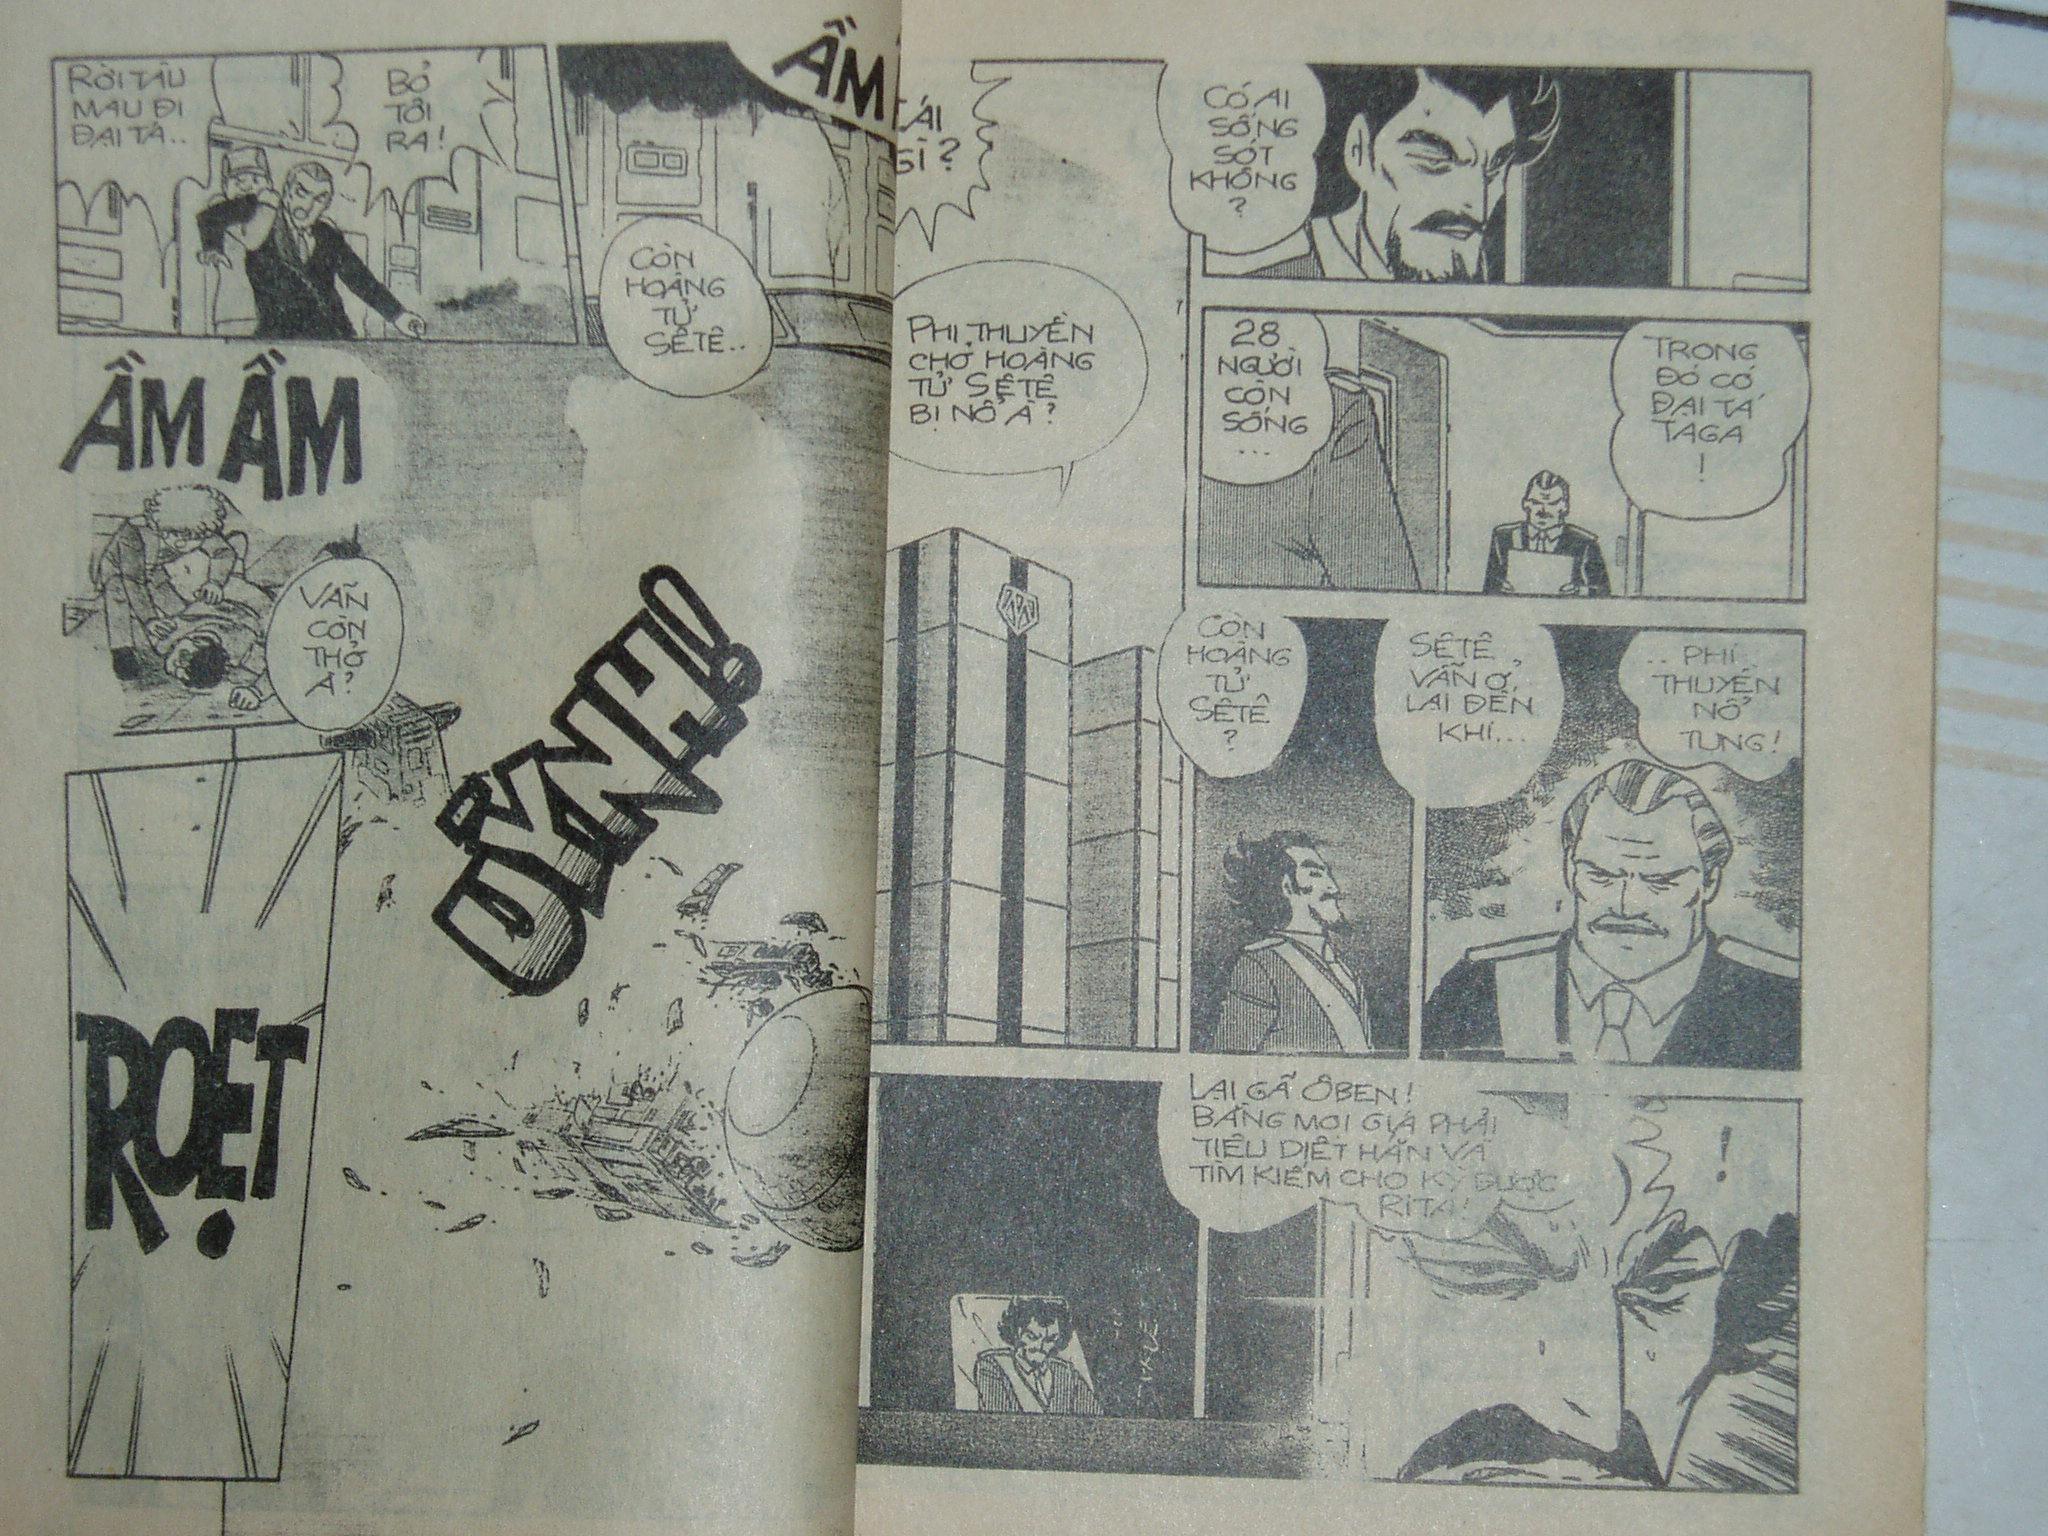 Siêu nhân Locke vol 13 trang 23